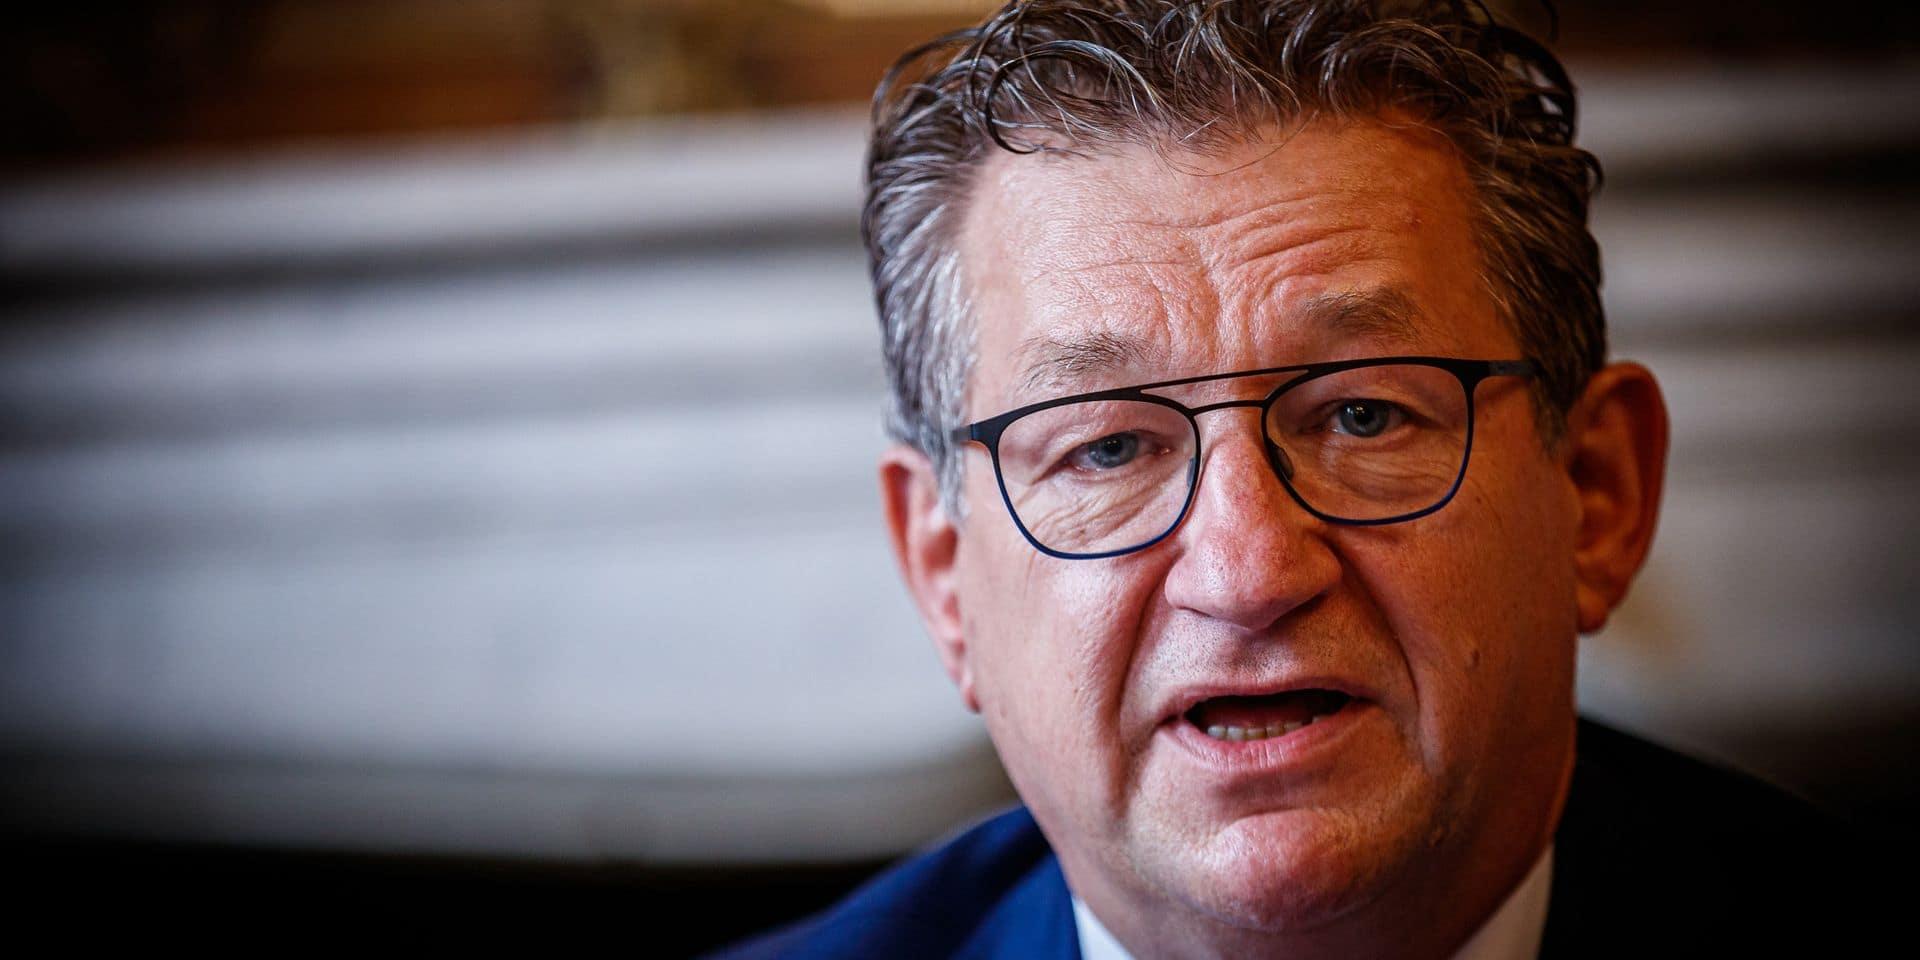 Le suspect interpellé pour l'agression du bourgmestre de Bruges reste en détention